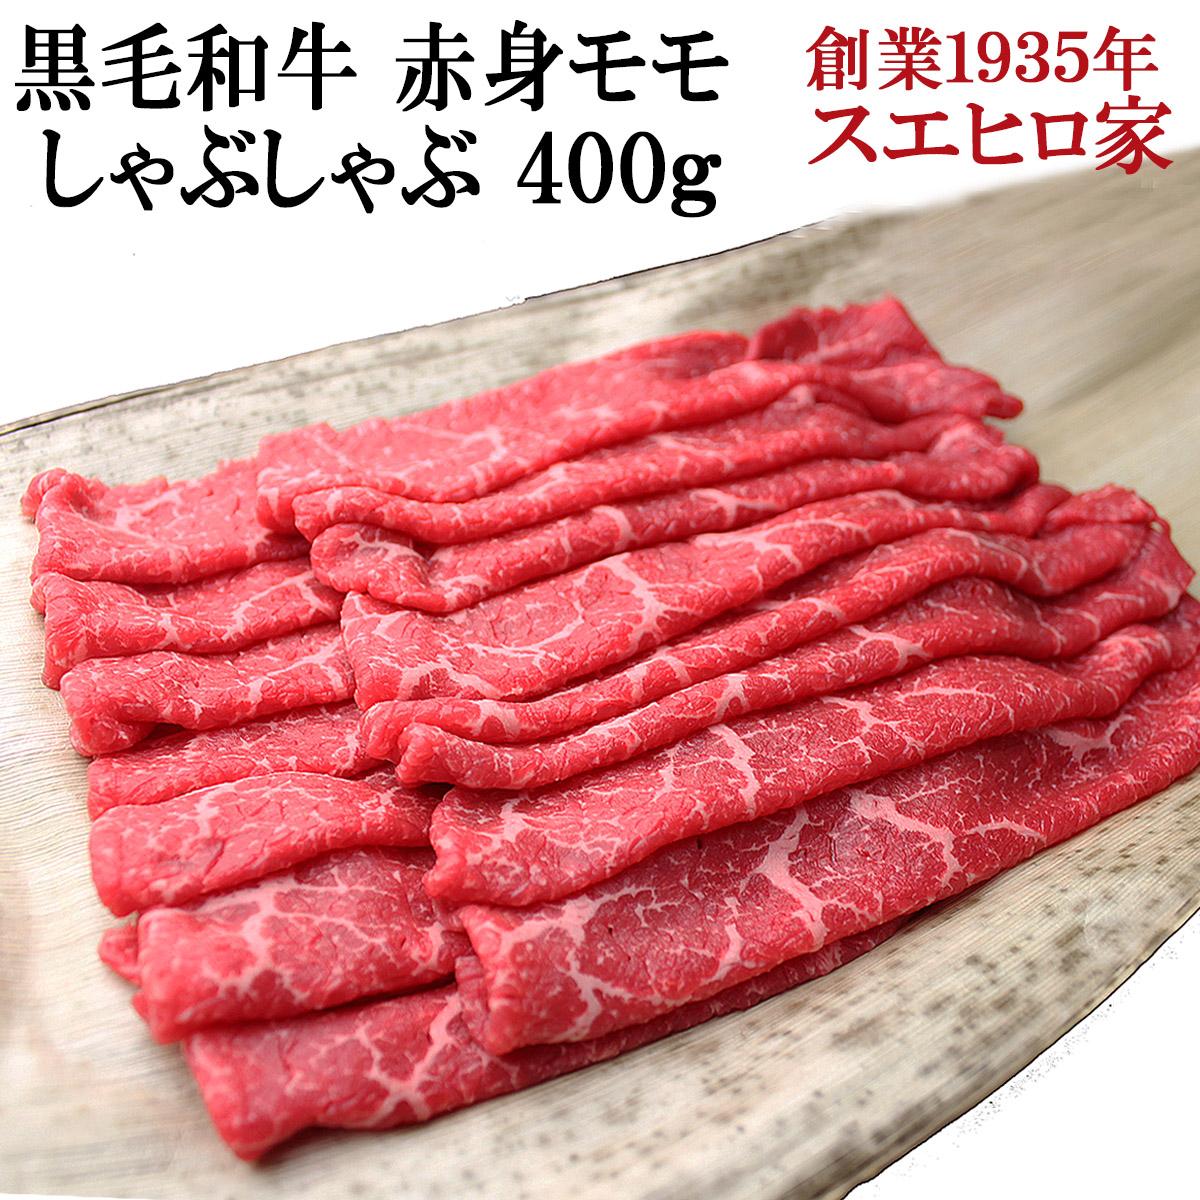 黒毛和牛モモしゃぶしゃぶ肉